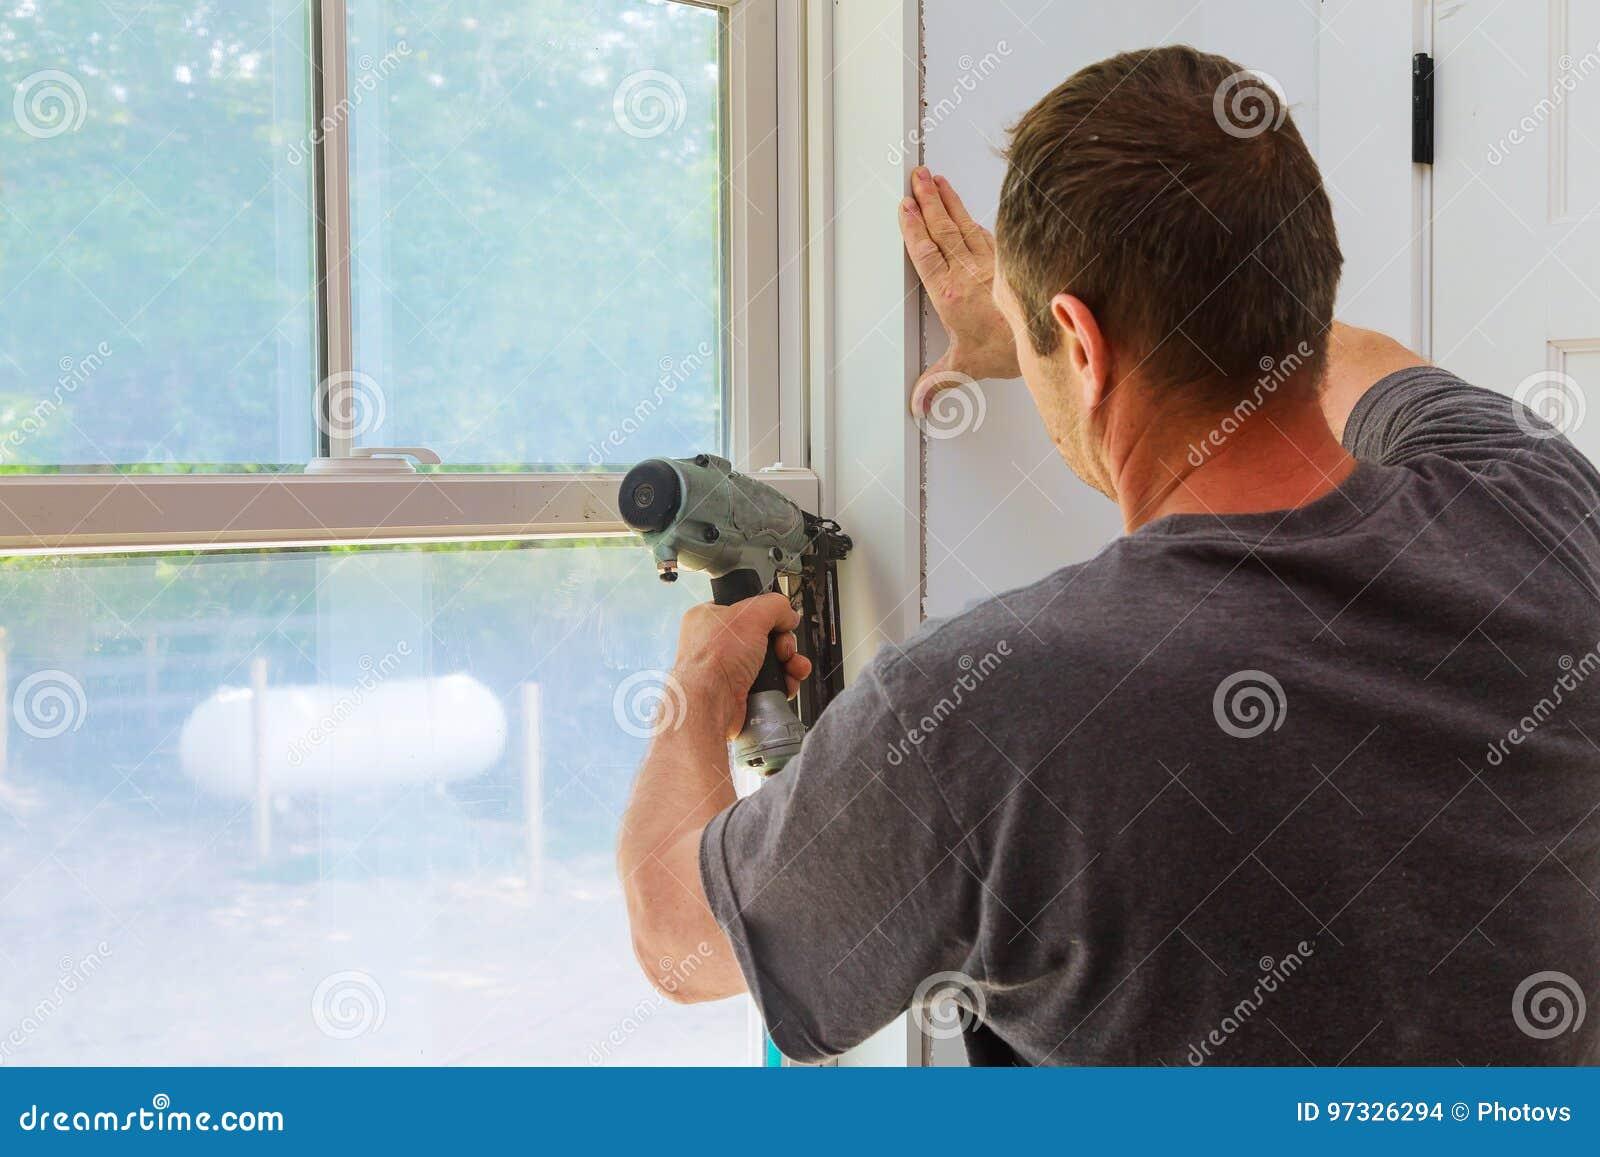 Ξυλουργός που χρησιμοποιεί το πυροβόλο όπλο καρφιών στις σχηματοποιήσεις στα παράθυρα, που πλαισιώνουν την περιποίηση,